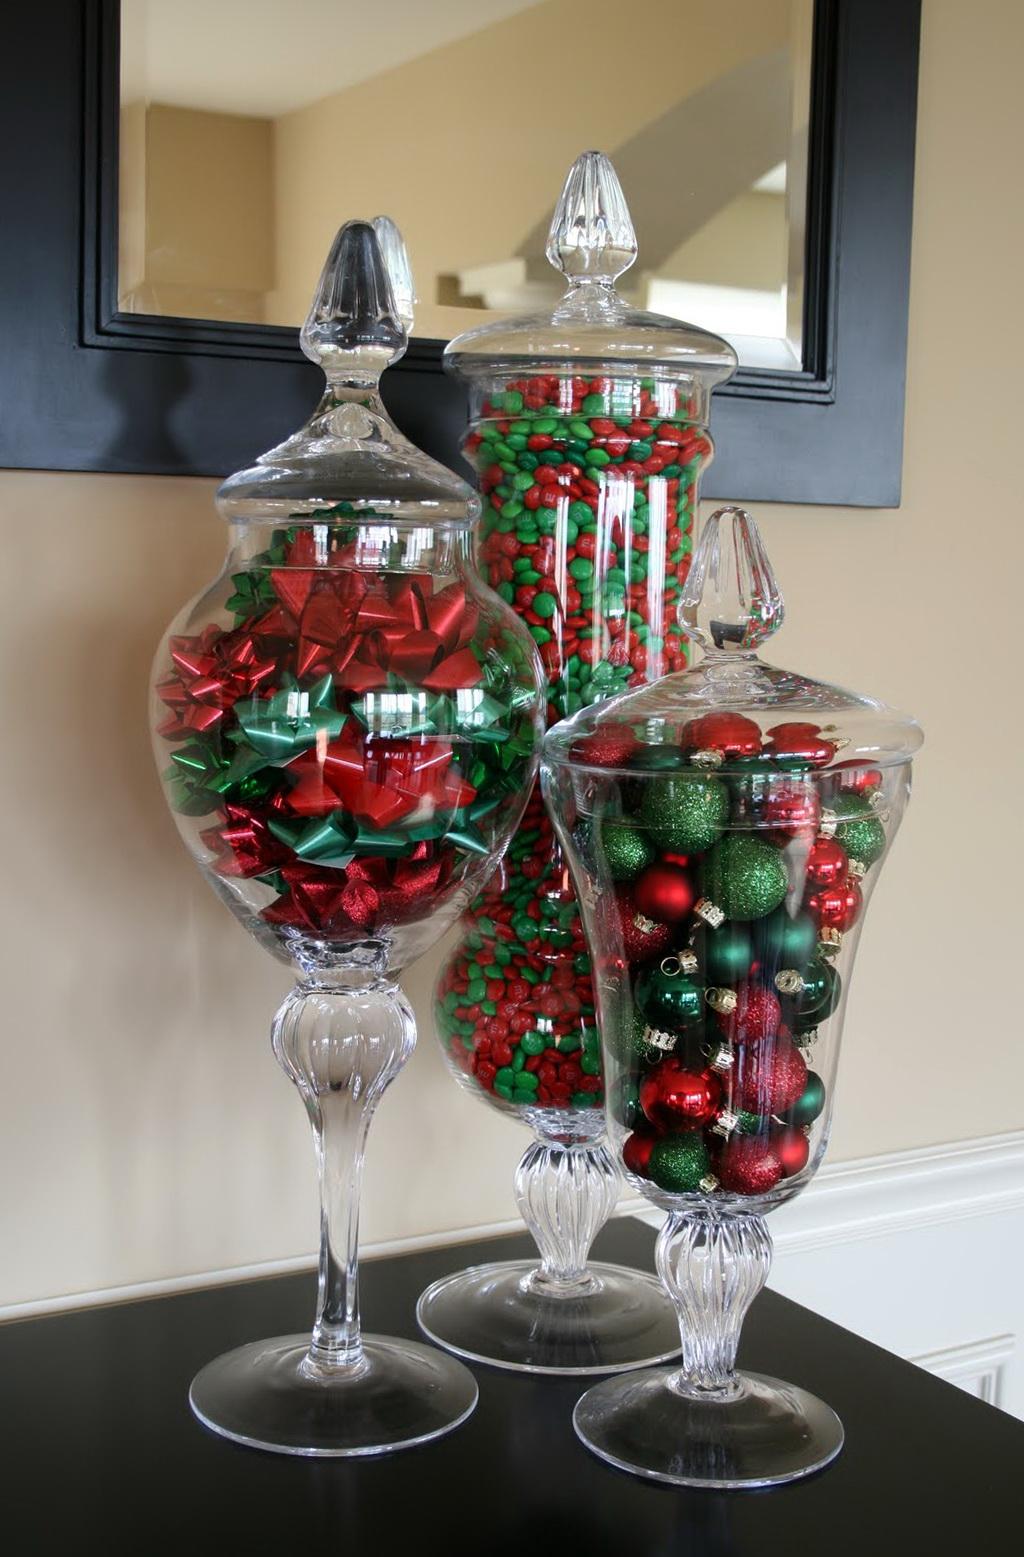 Vase Filler Ideas For Christmas Home Design Ideas